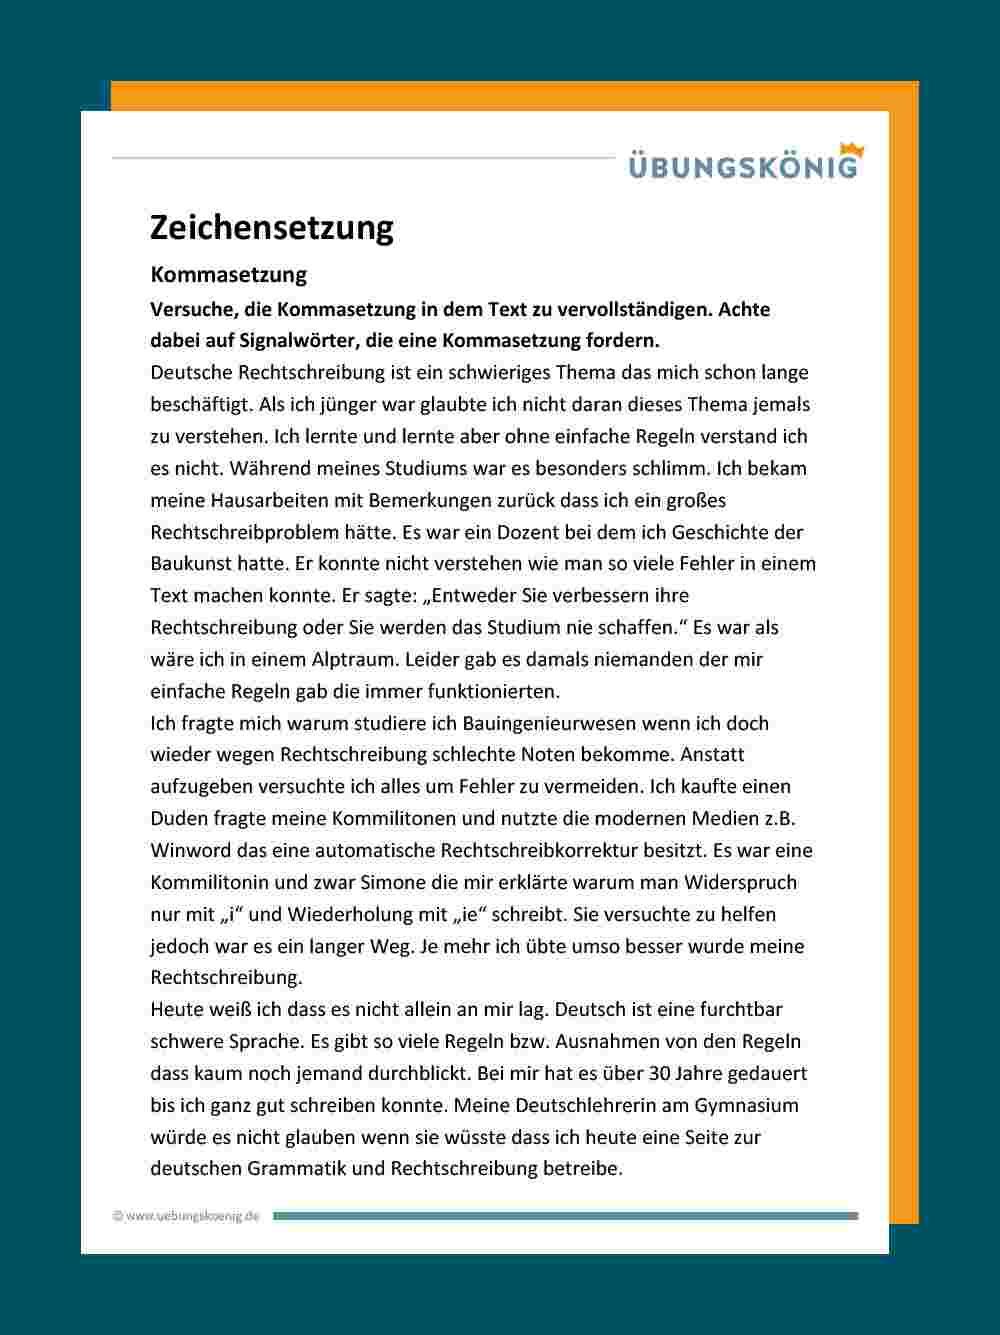 Groß- Und Kleinschreibung innen Text Groß Und Kleinschreibung 3 Klasse